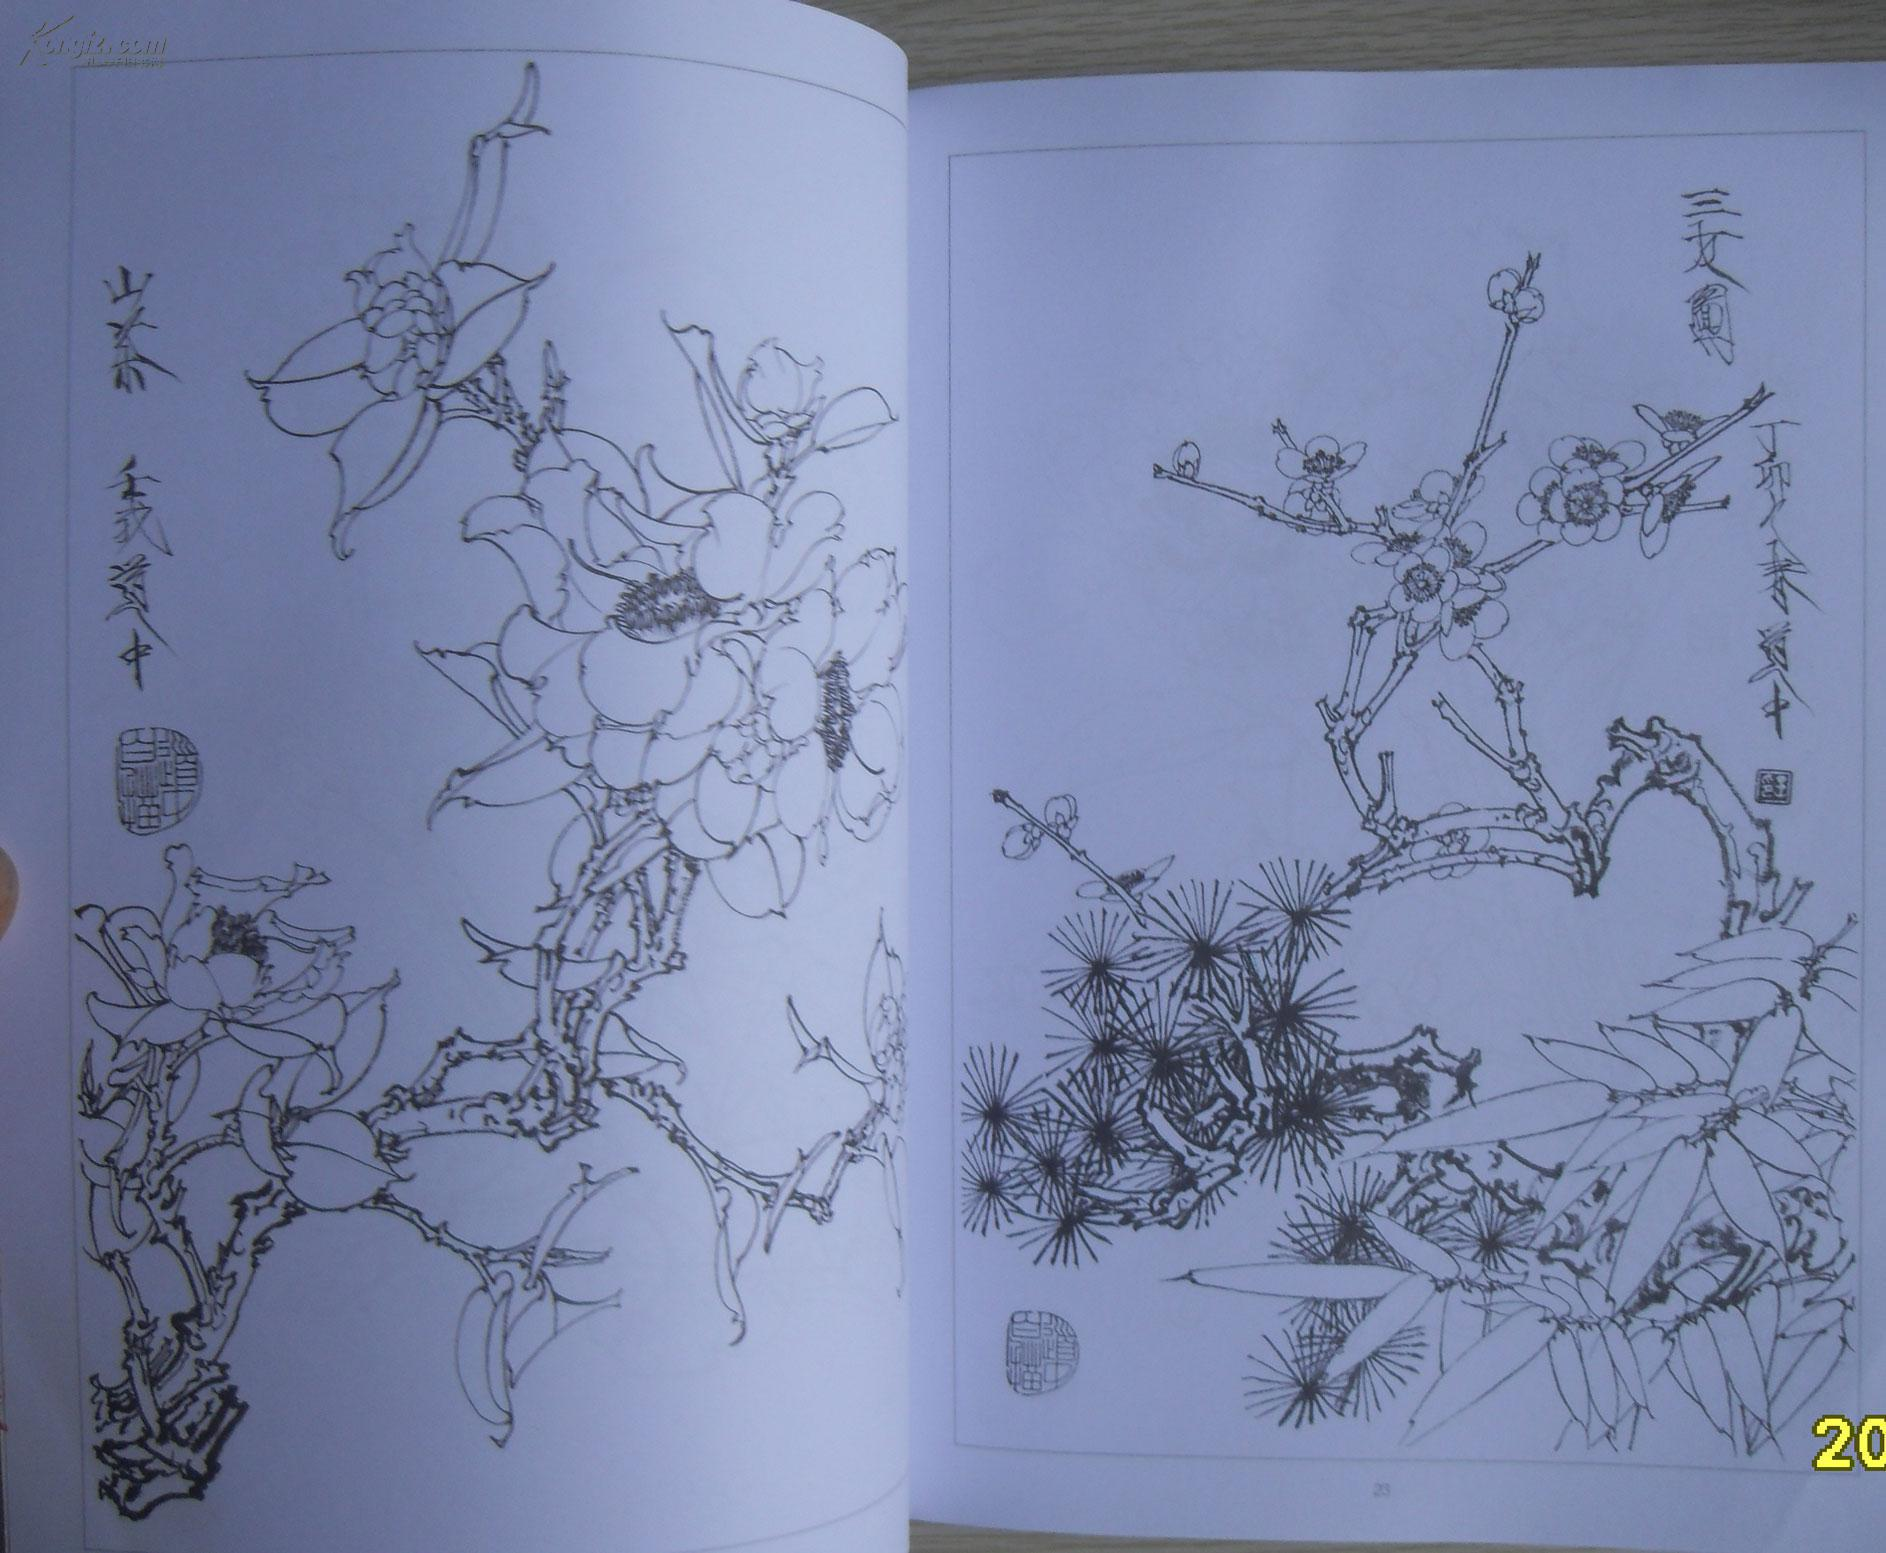 工笔花卉白描画集 b1图片